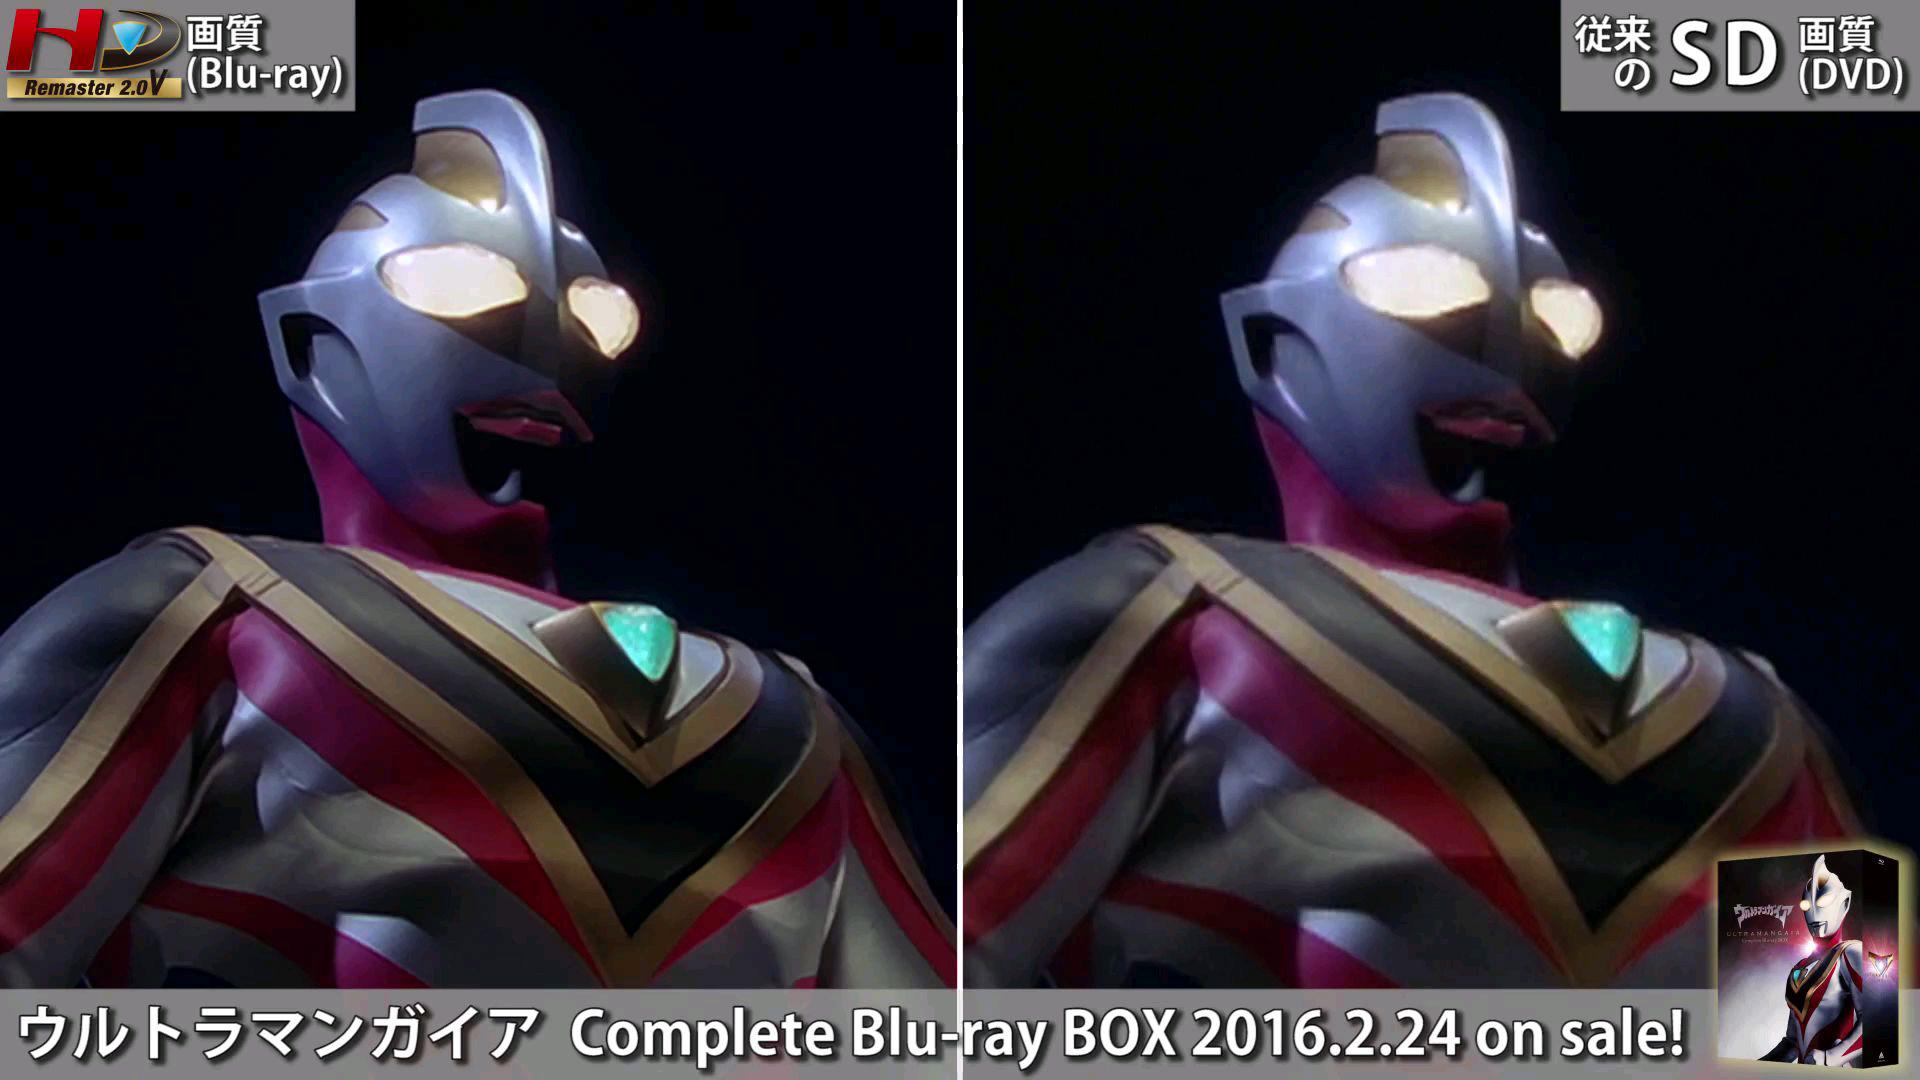 盖亚奥特曼蓝光重置&DVD画质对比!